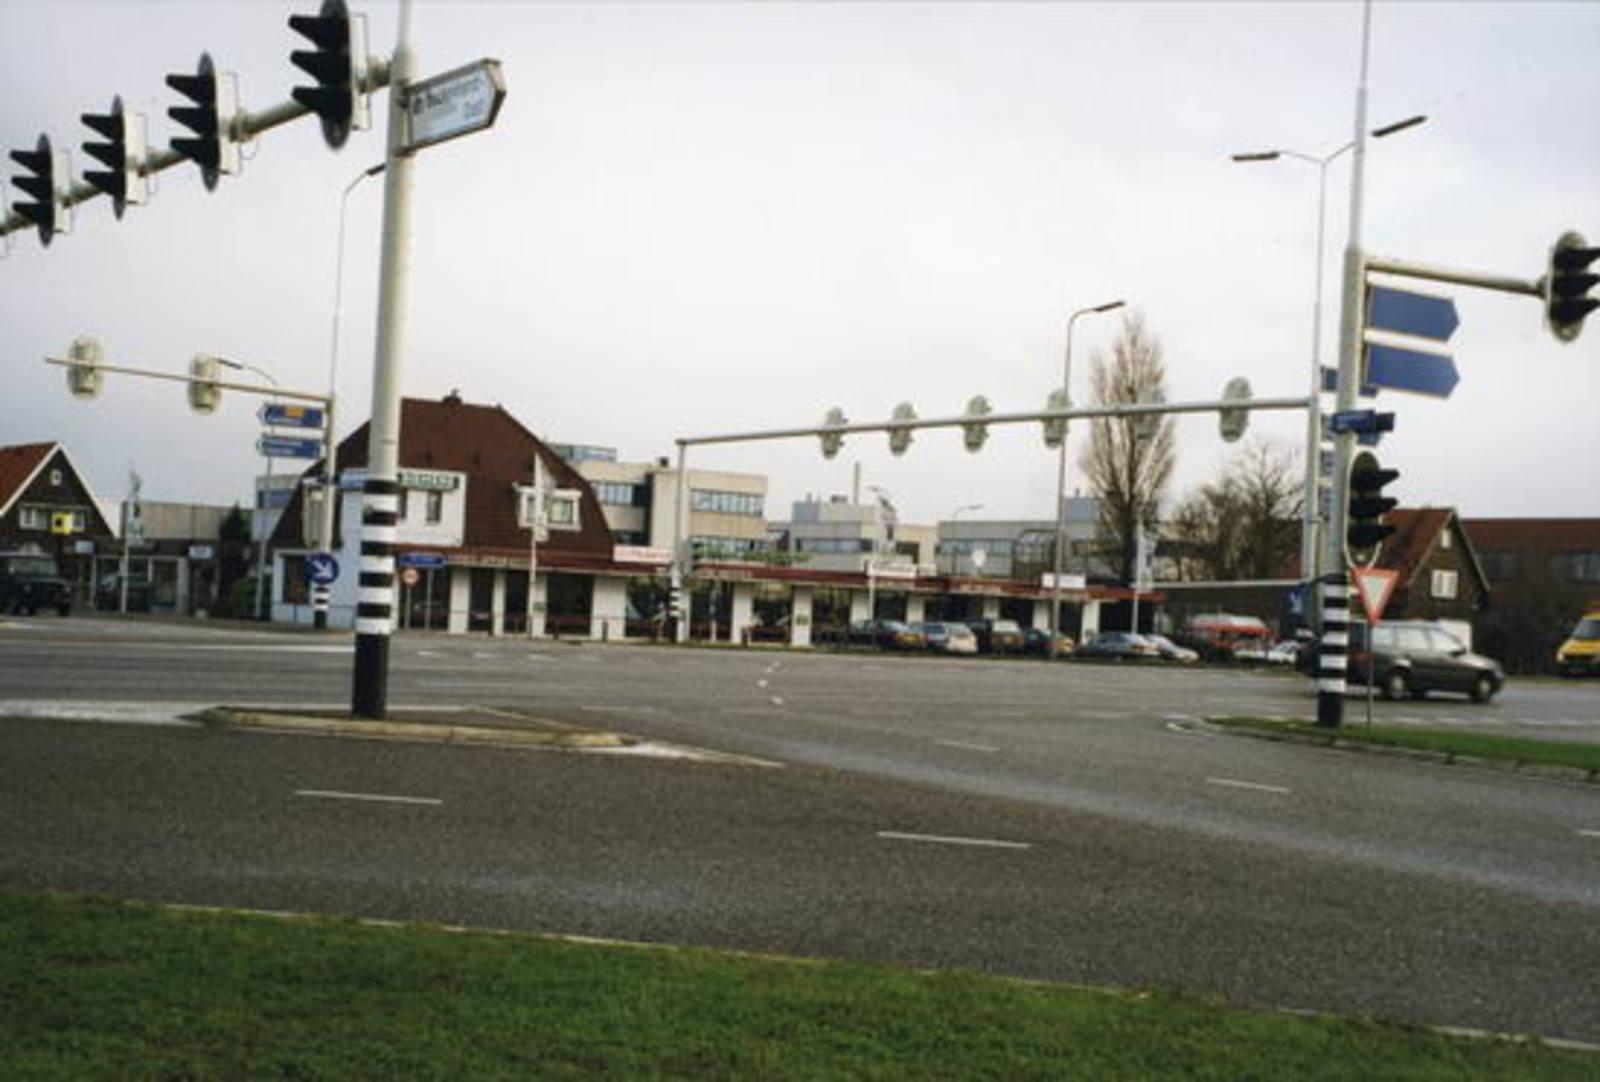 Kruisweg N 0679 19__ AWI 01